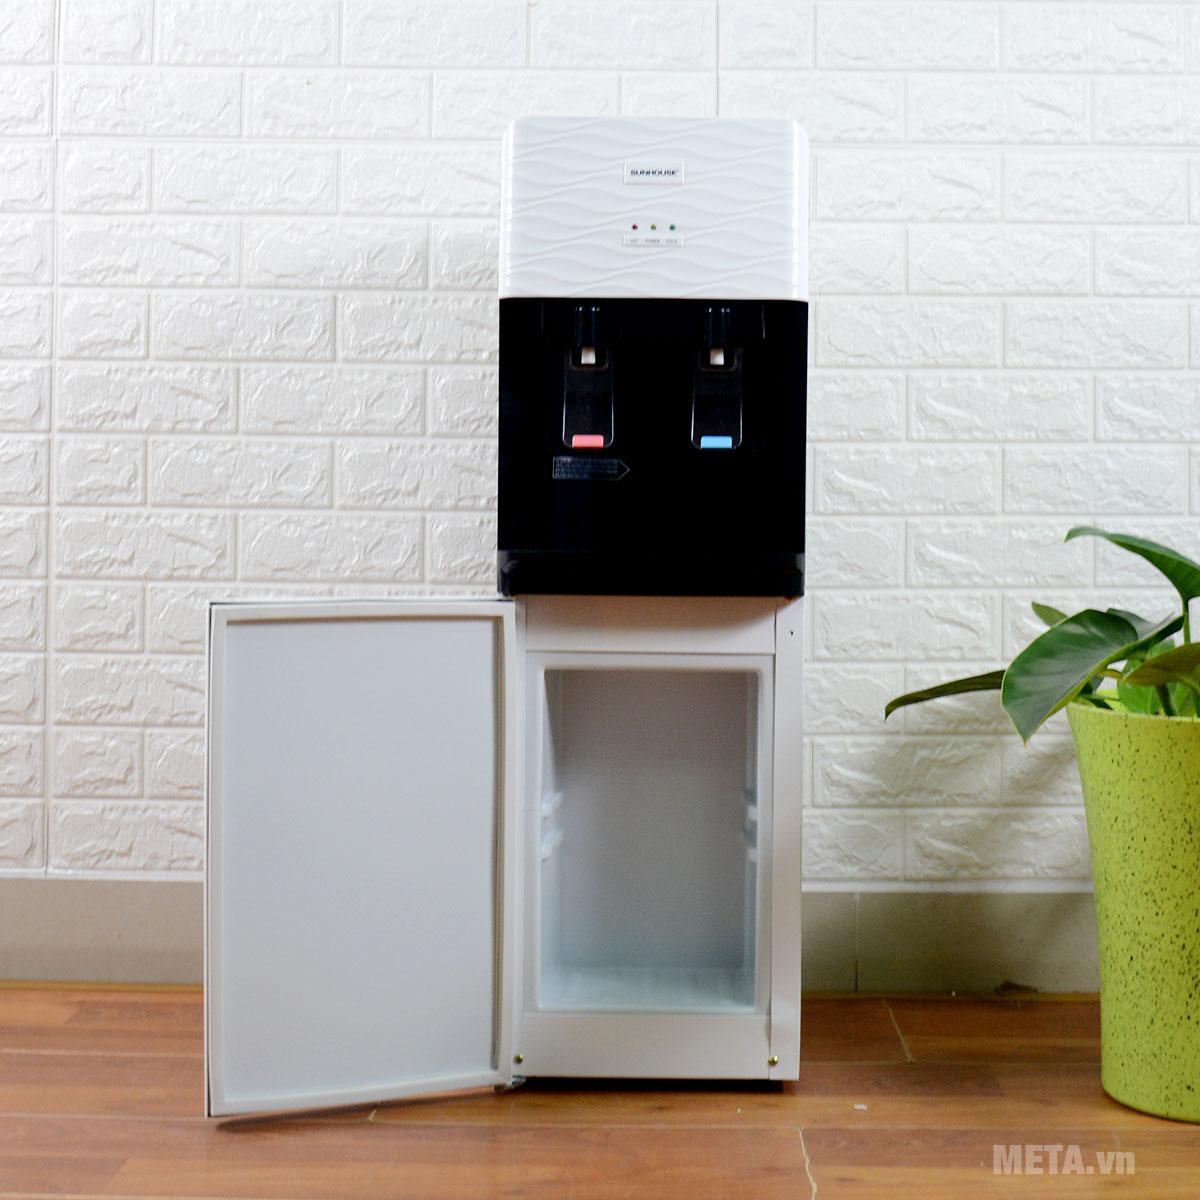 Cây nước làm lạnh bằng công nghệ block